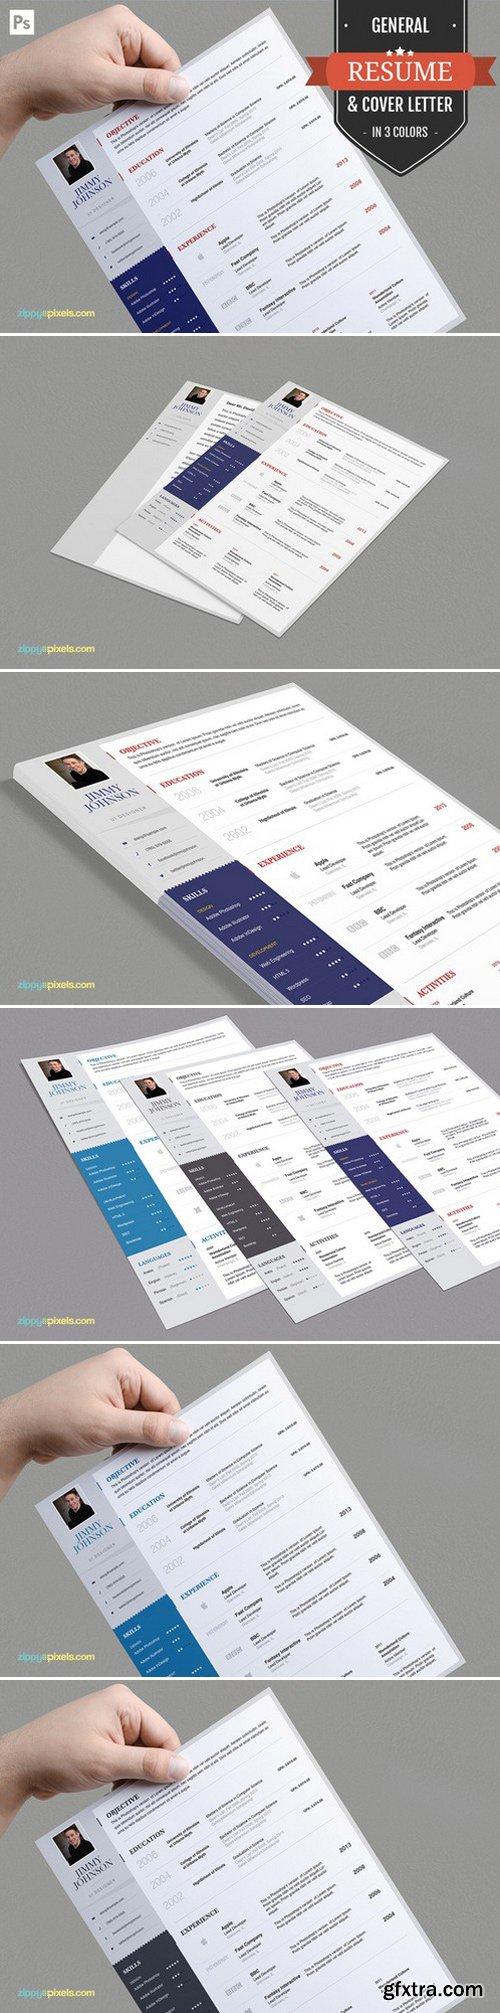 CM - Job Resume CV & Cover Letter PSD Set 394333